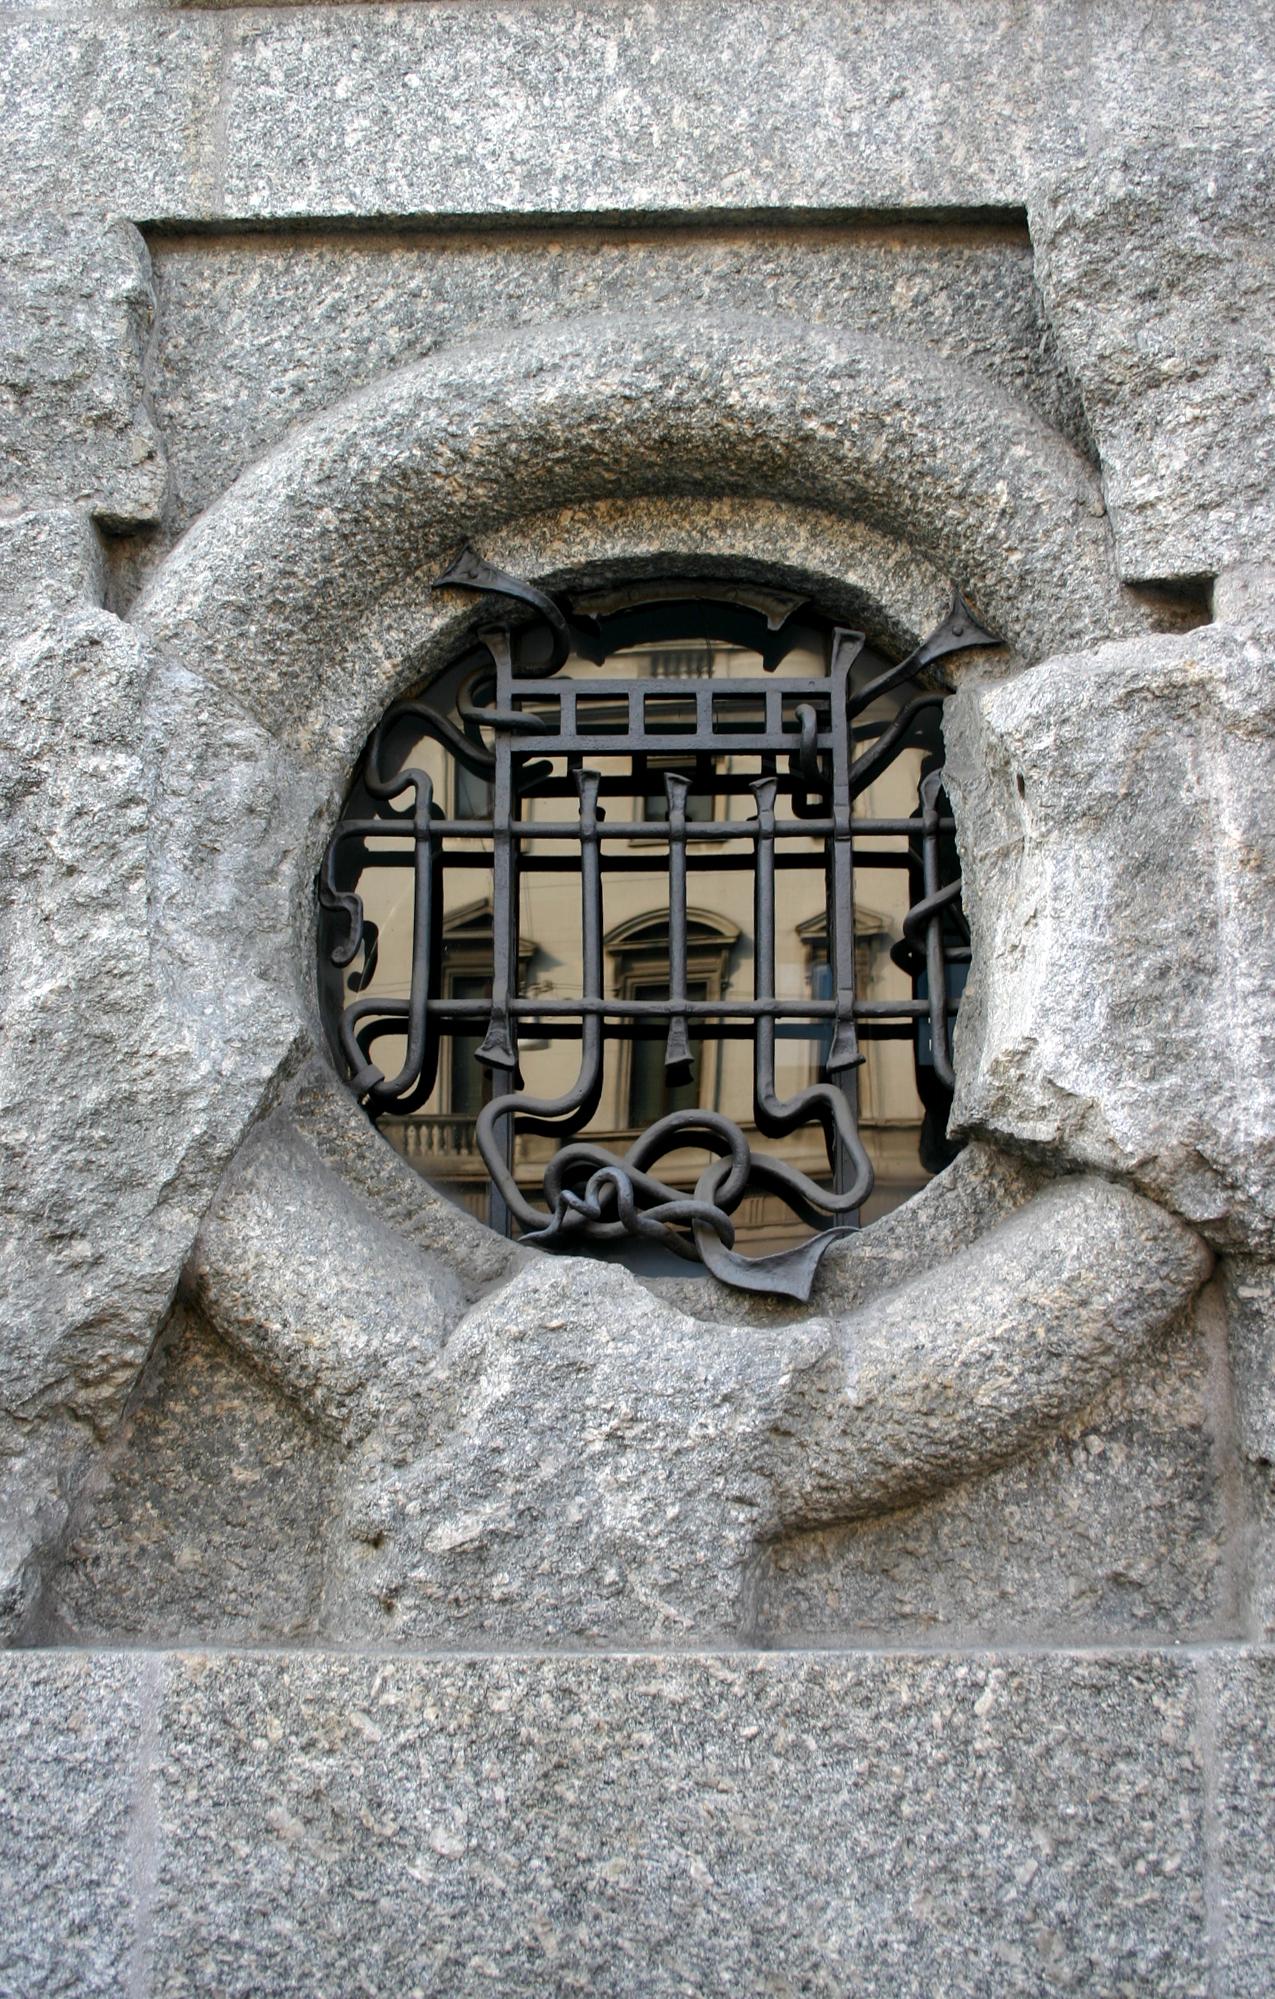 9040_-_Milano,_C.so_Venezia_-_Giuseppe_Sommaruga,_Pal._Castiglioni_(1904)_-_Foto_Giovanni_Dall'Orto_22-Apr-2007